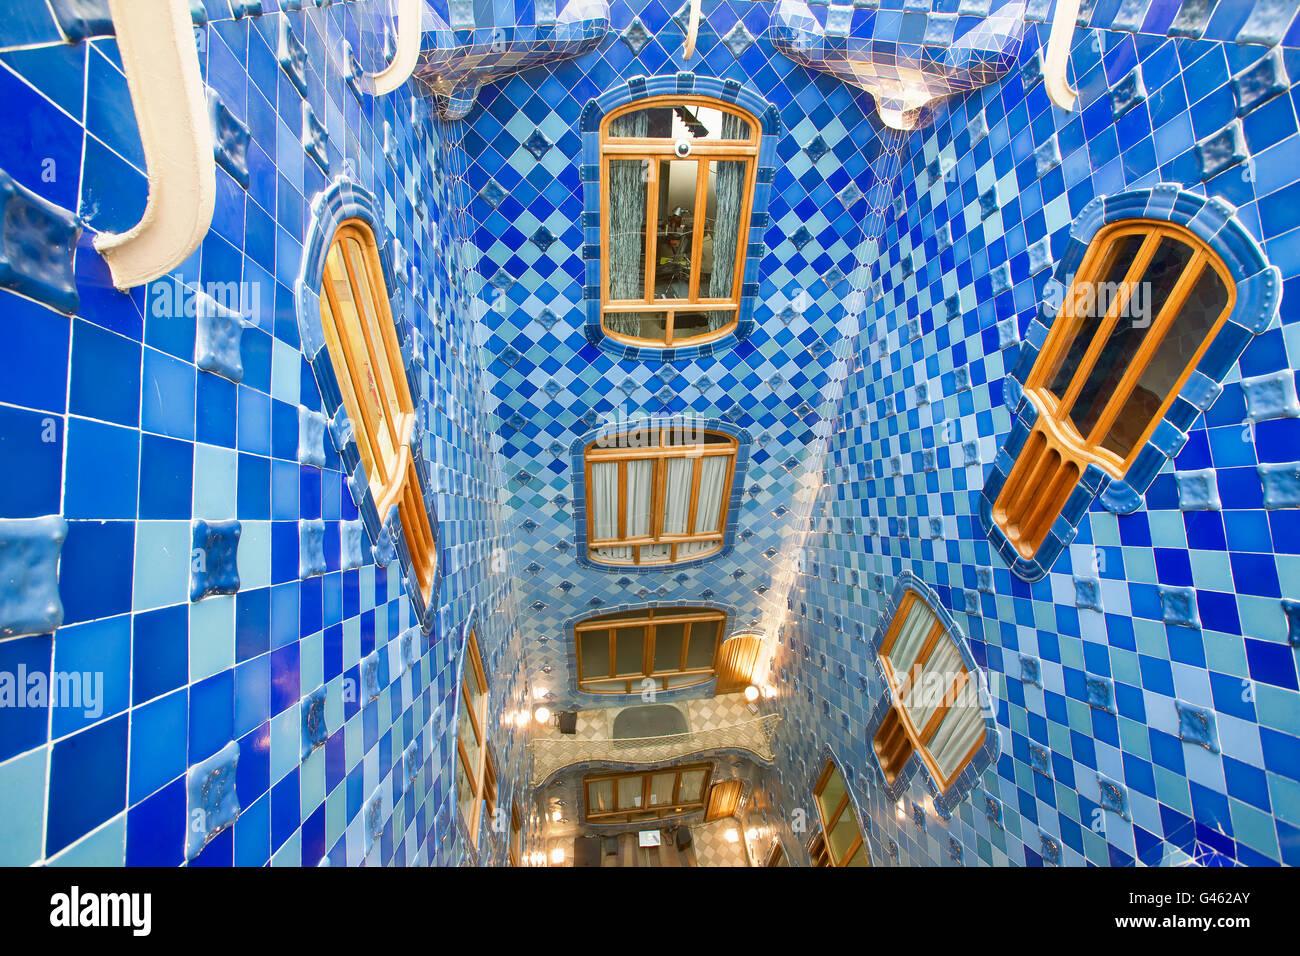 La casa Batlló di Gaudi a Barcellona Immagini Stock